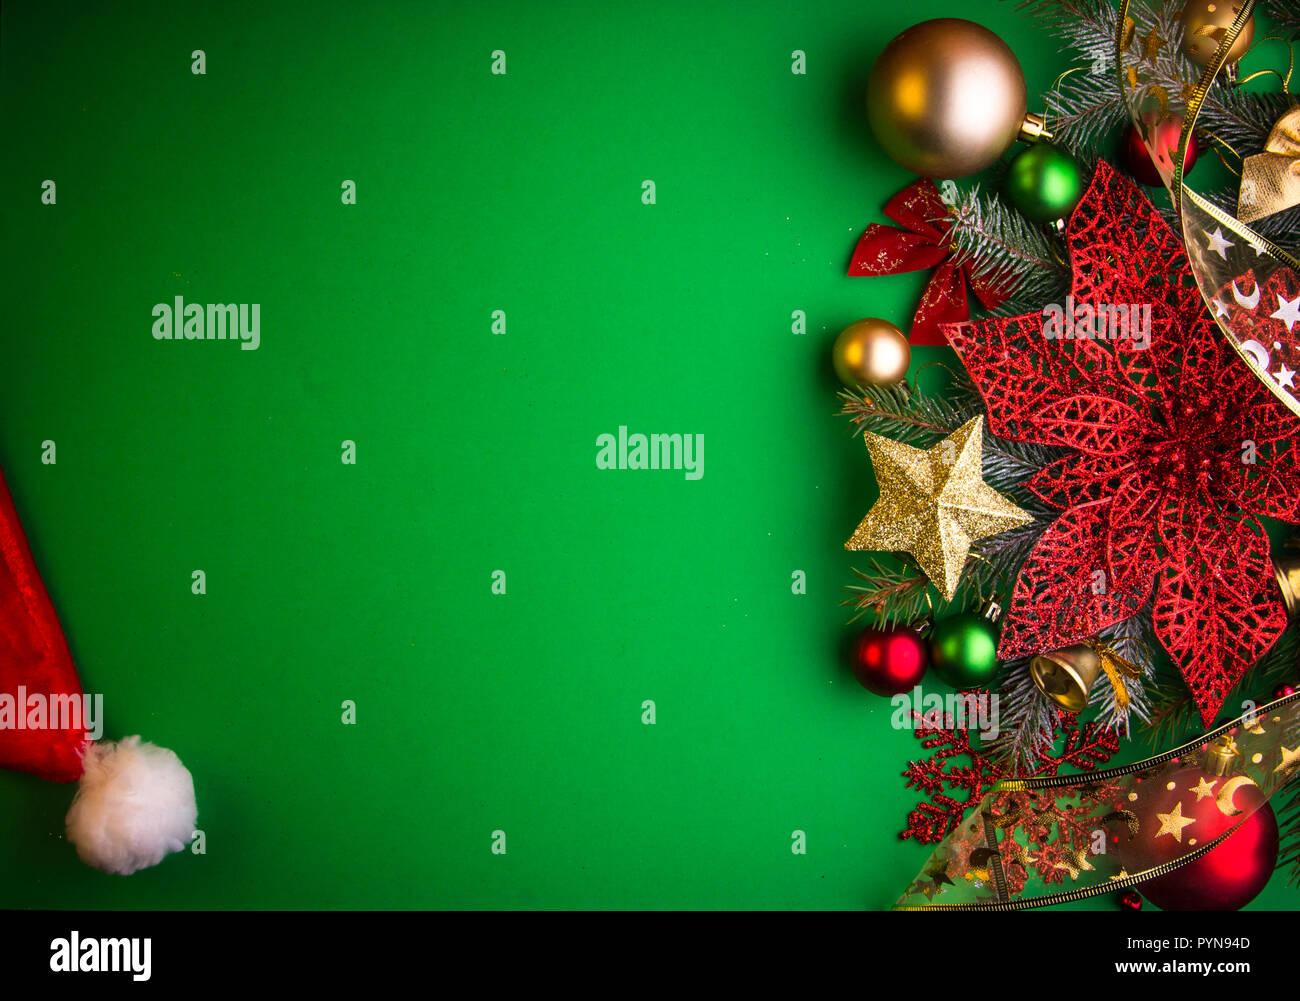 Weihnachtsstern Für Tannenbaum.Grüne Weihnachten Hintergrund Mit Tannenbaum Spielzeug Und